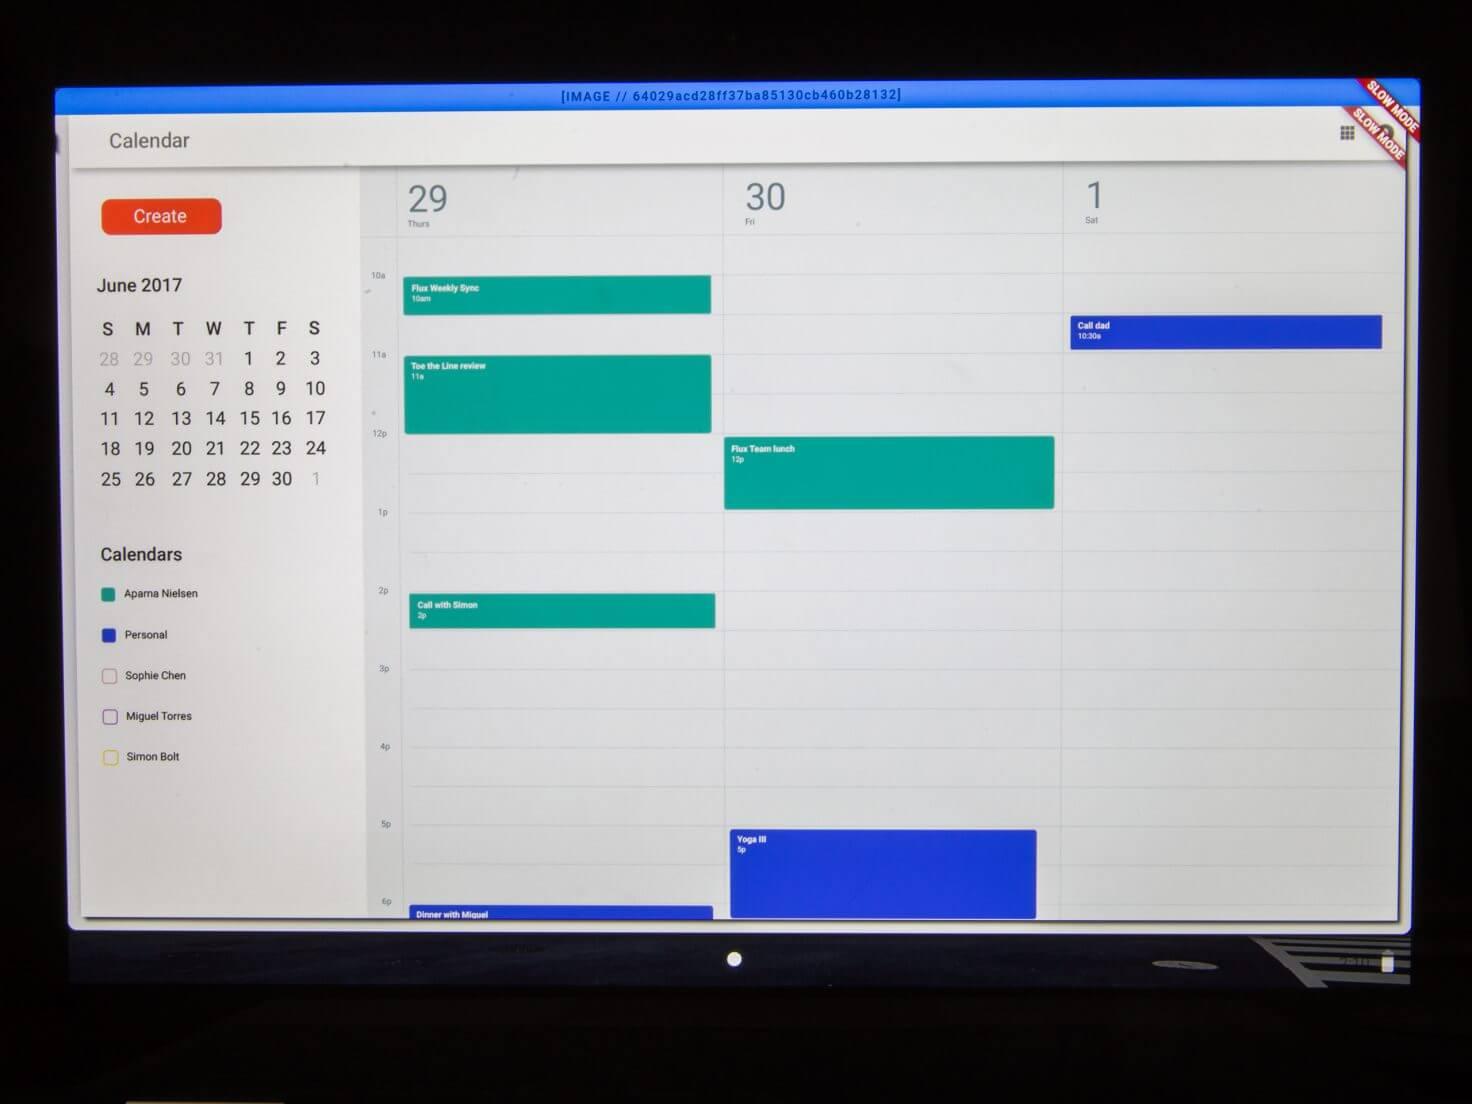 fuchsia-os-2018-apps-tablet-4